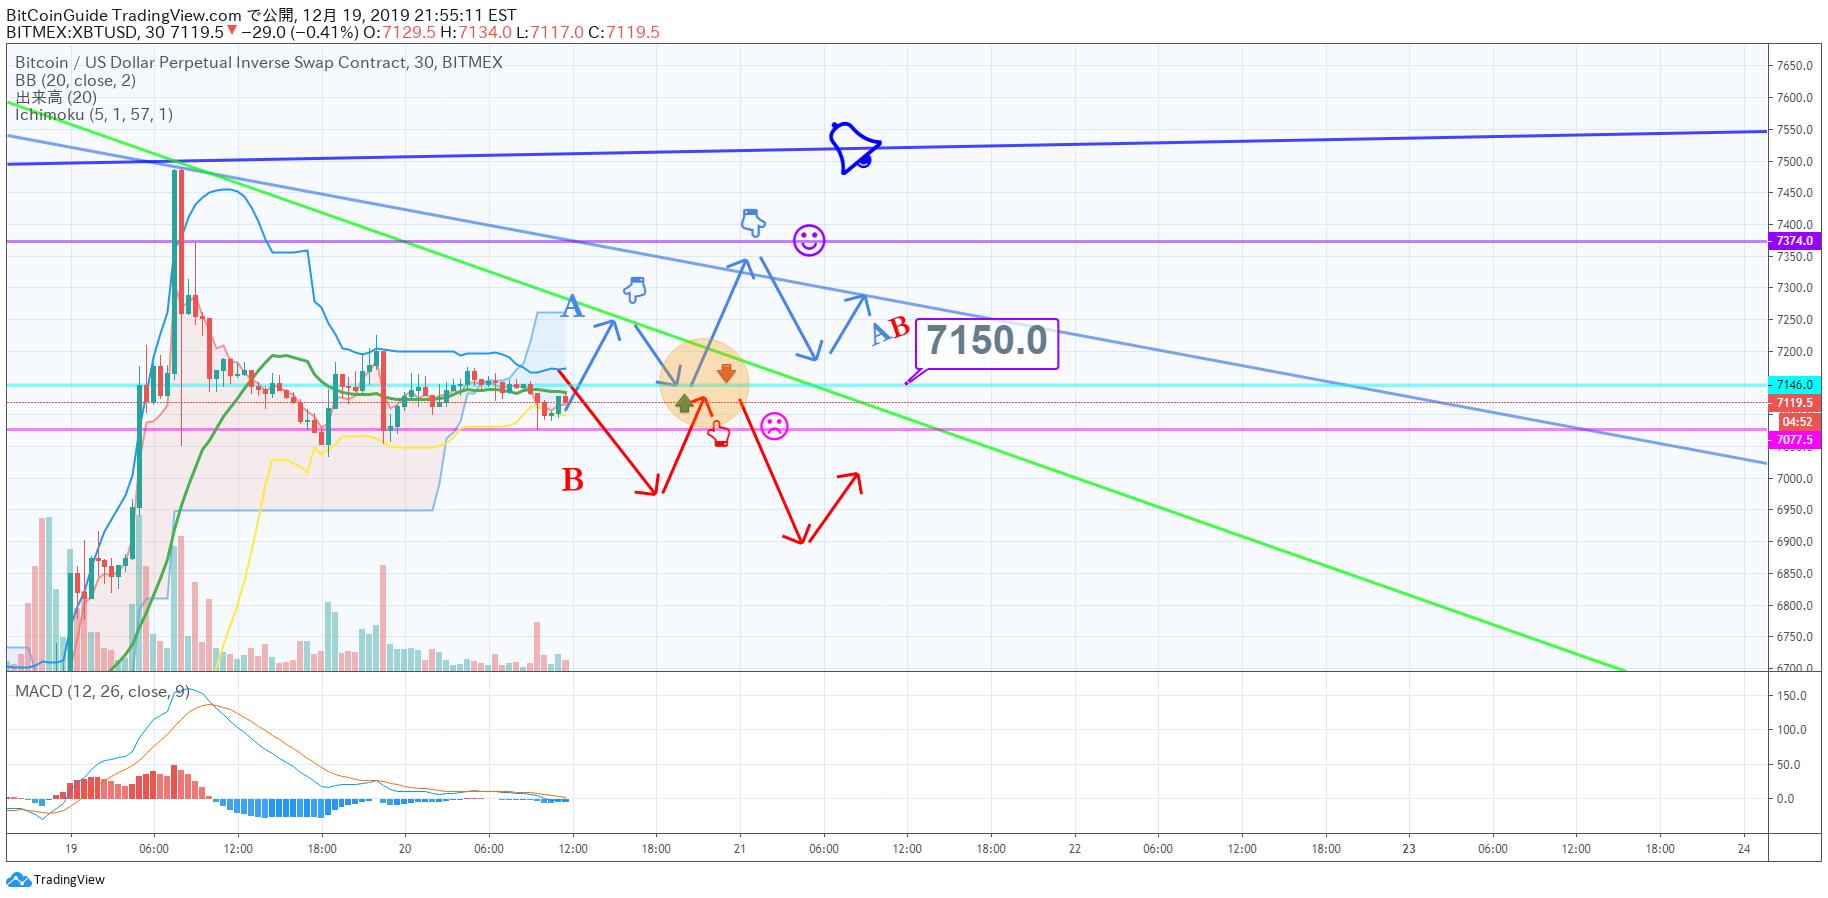 btc usd tradingview bitmex)